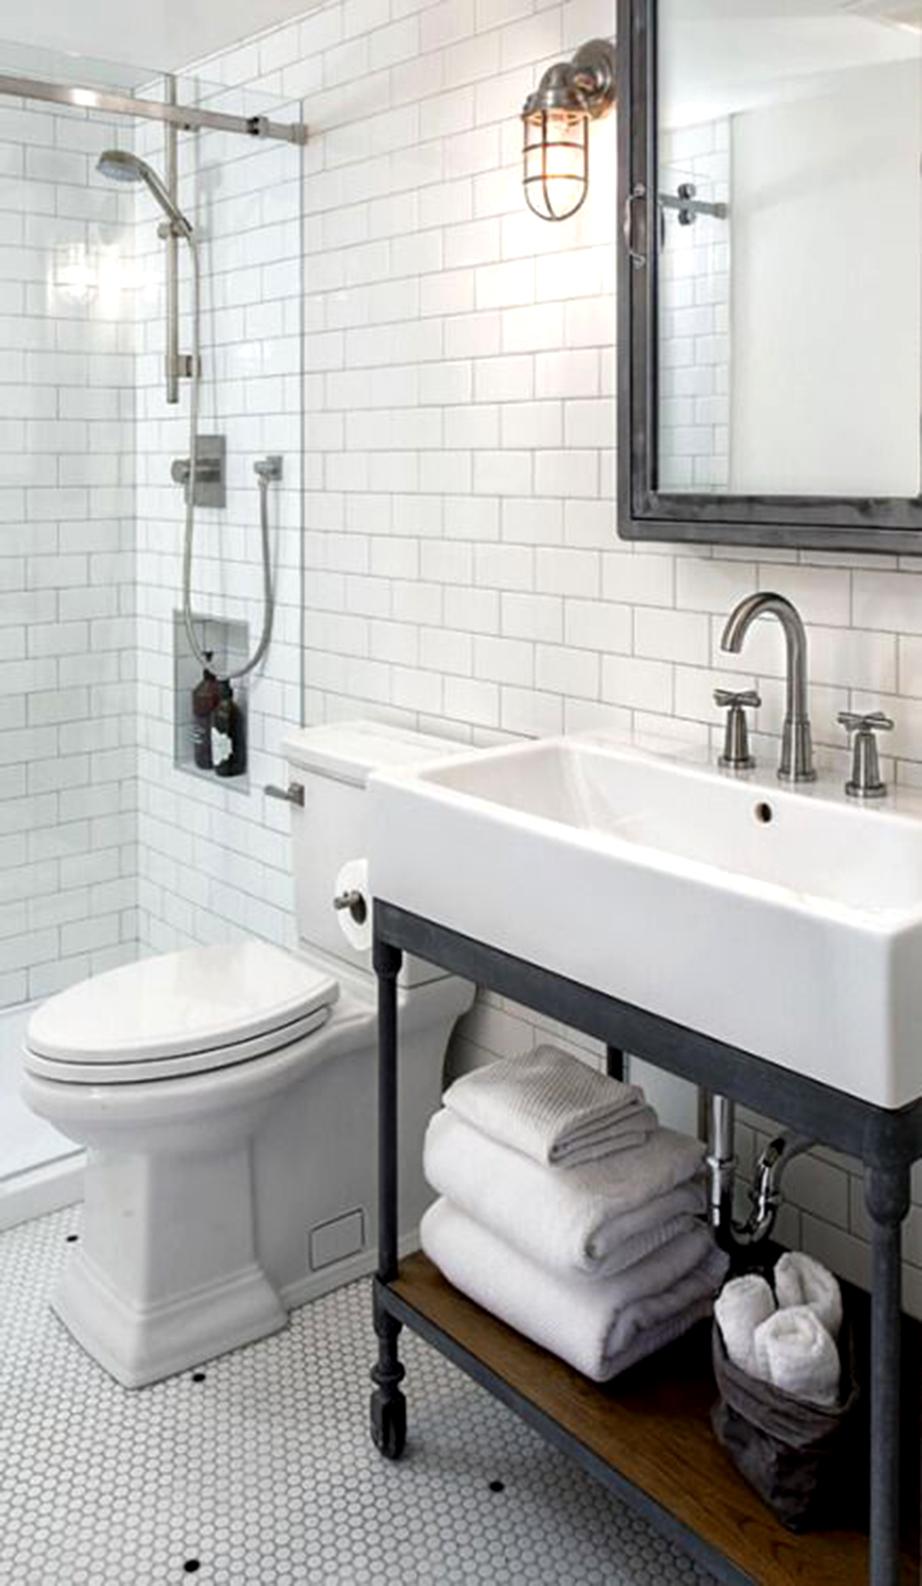 Περάστε μια γκρι απόχρωση στα έπιπλα του μπάνιου σας και αντικαταστήστε τα φωτιστικά σώματα αυτού με επίτοιχες μεταλλικές απλίκες εξωτερικού χώρου δεξιά και αριστερά του καθρέπτη πάνω από το νιπτήρα.